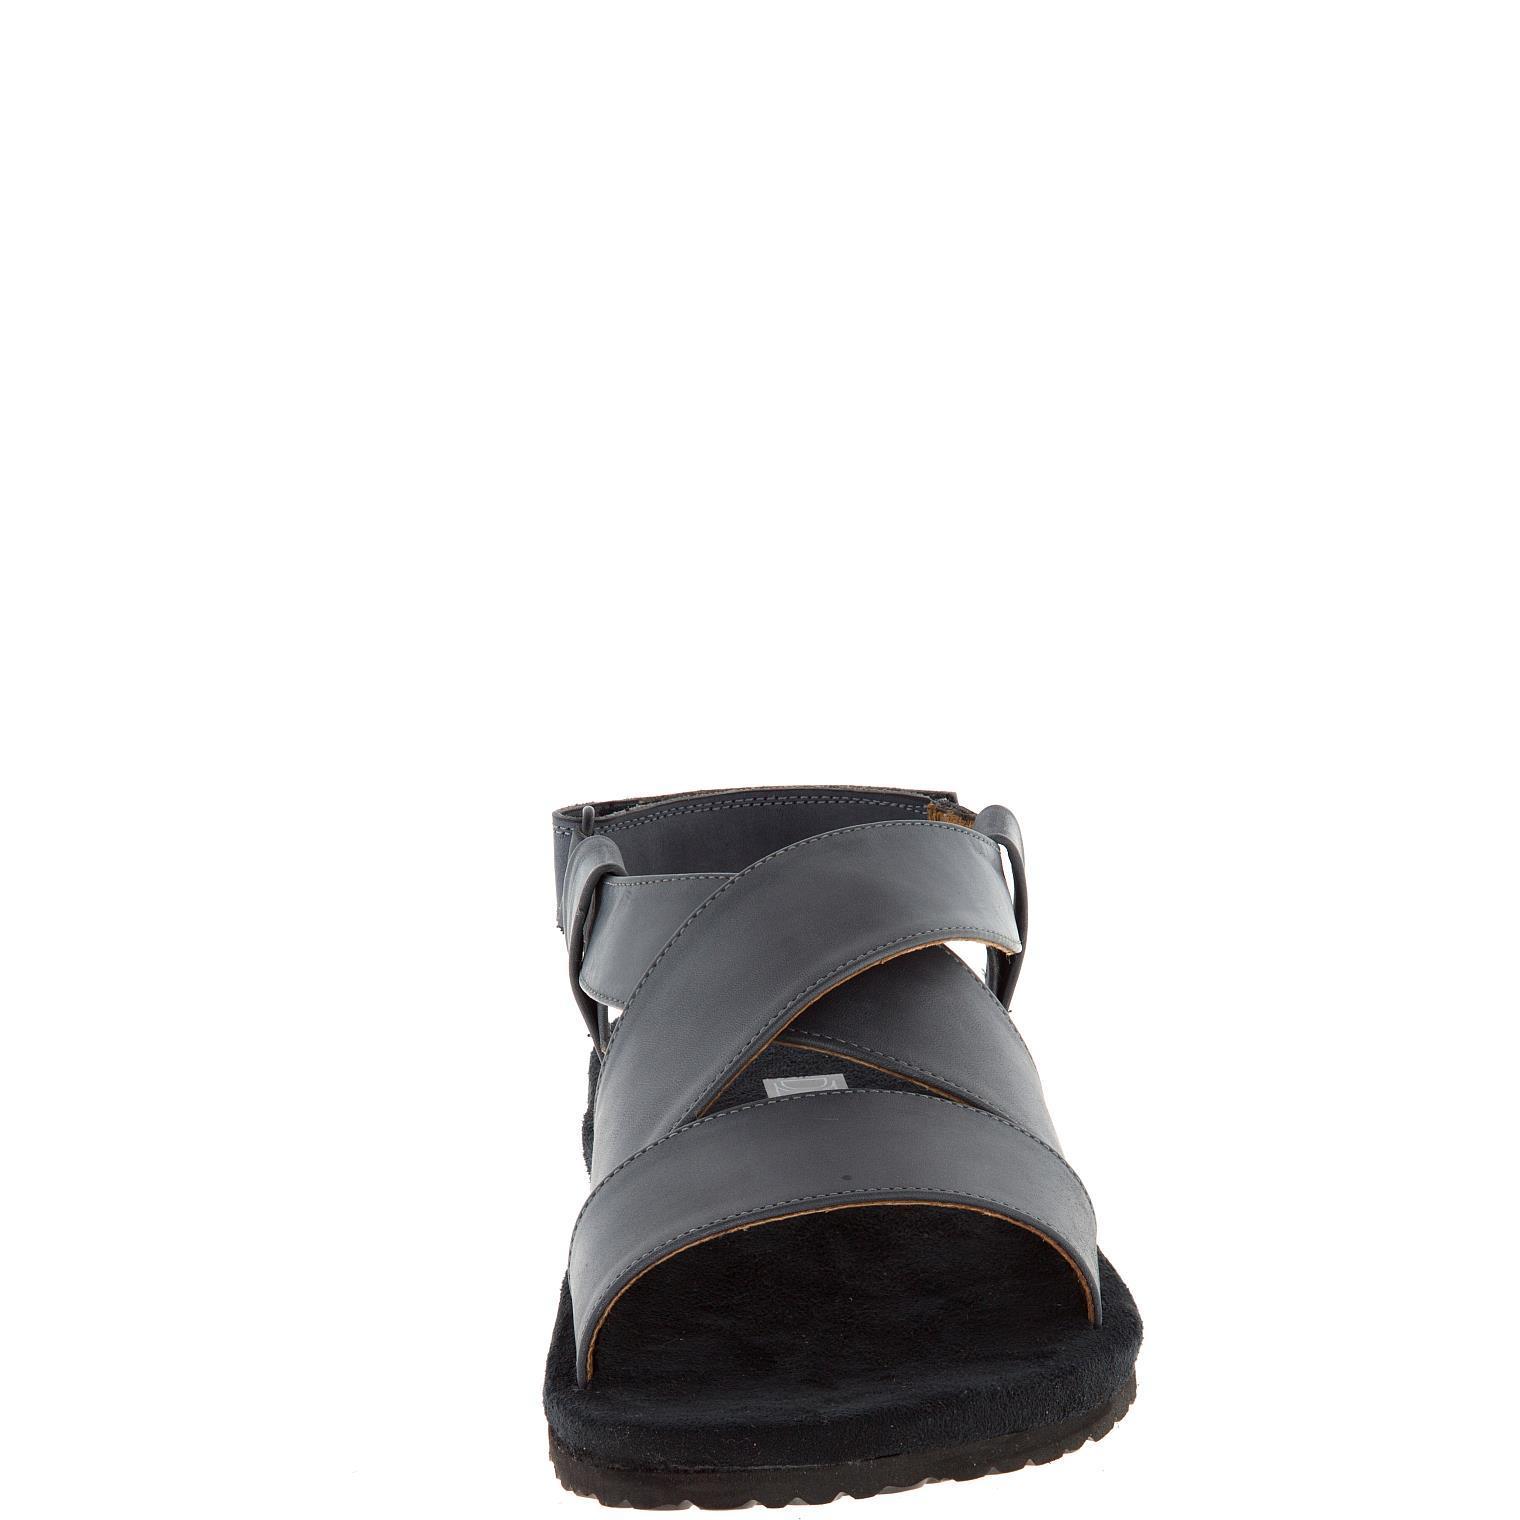 578157 сабо мужские серые больших размеров марки Делфино